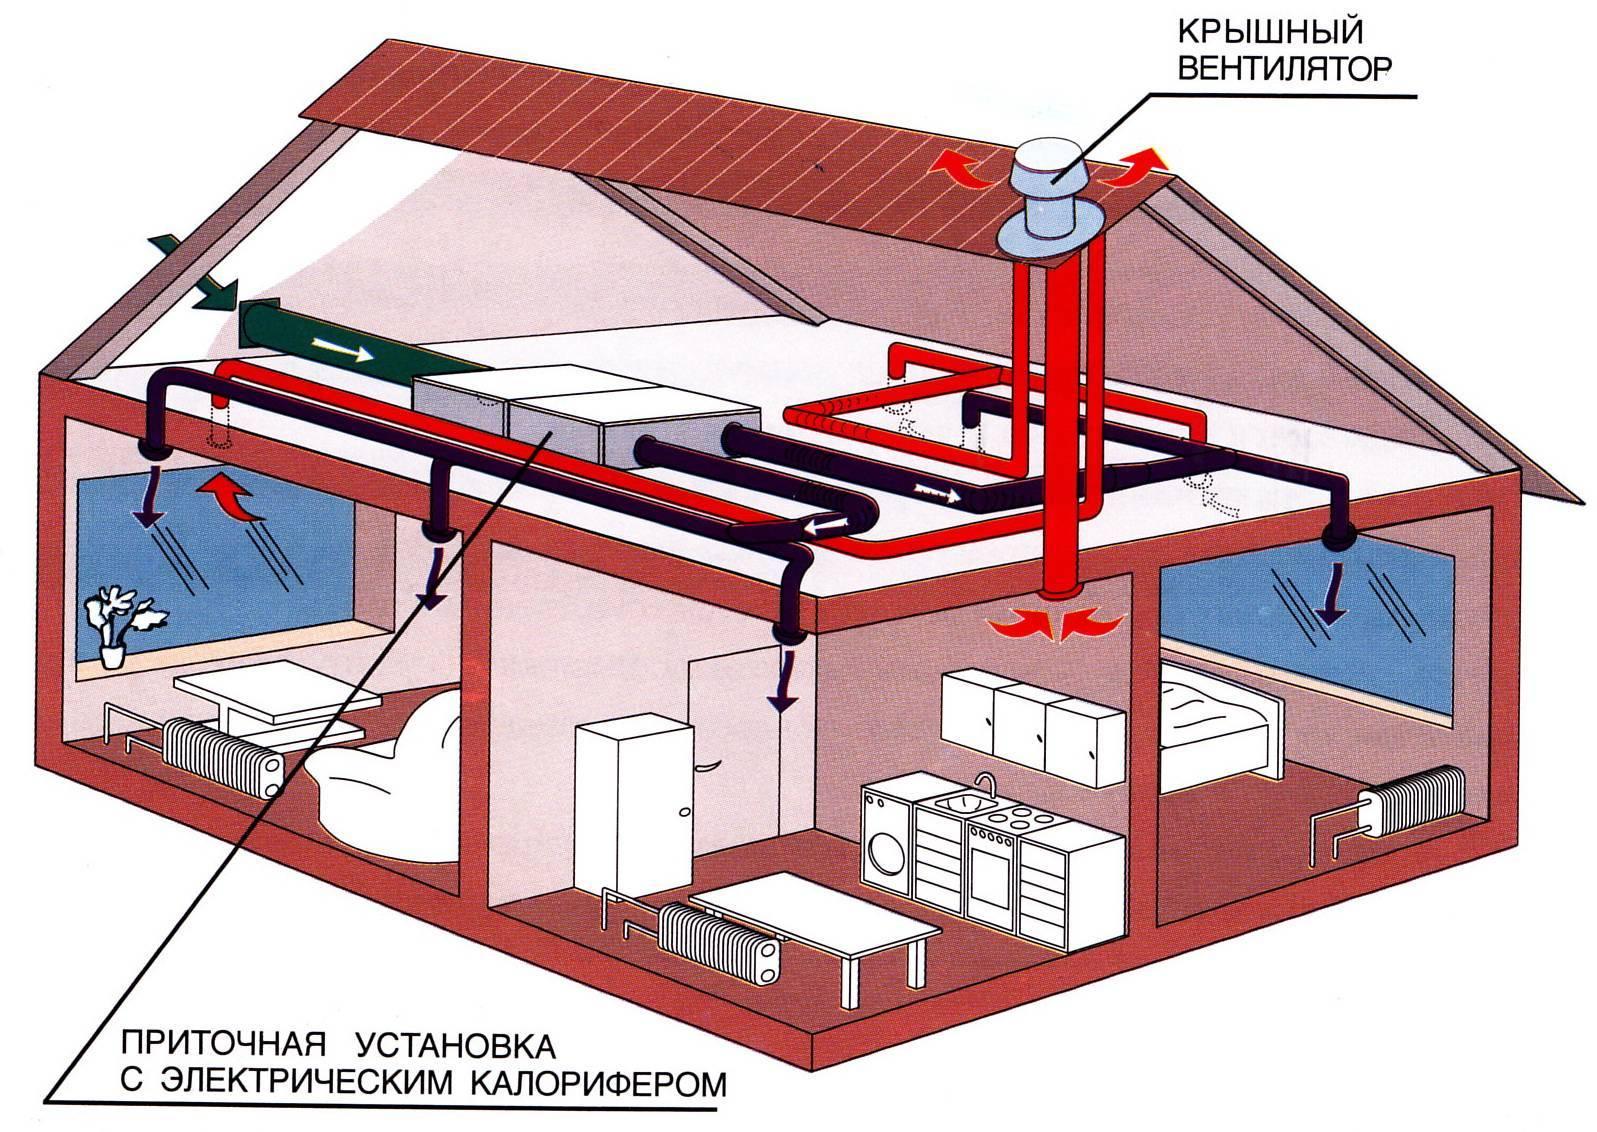 Рекуператор для частного дома и квартиры: установка вентиляции, чертежи, как сделать своими руками из пластиковых труб, оцинковки, инструкция с фото и видео